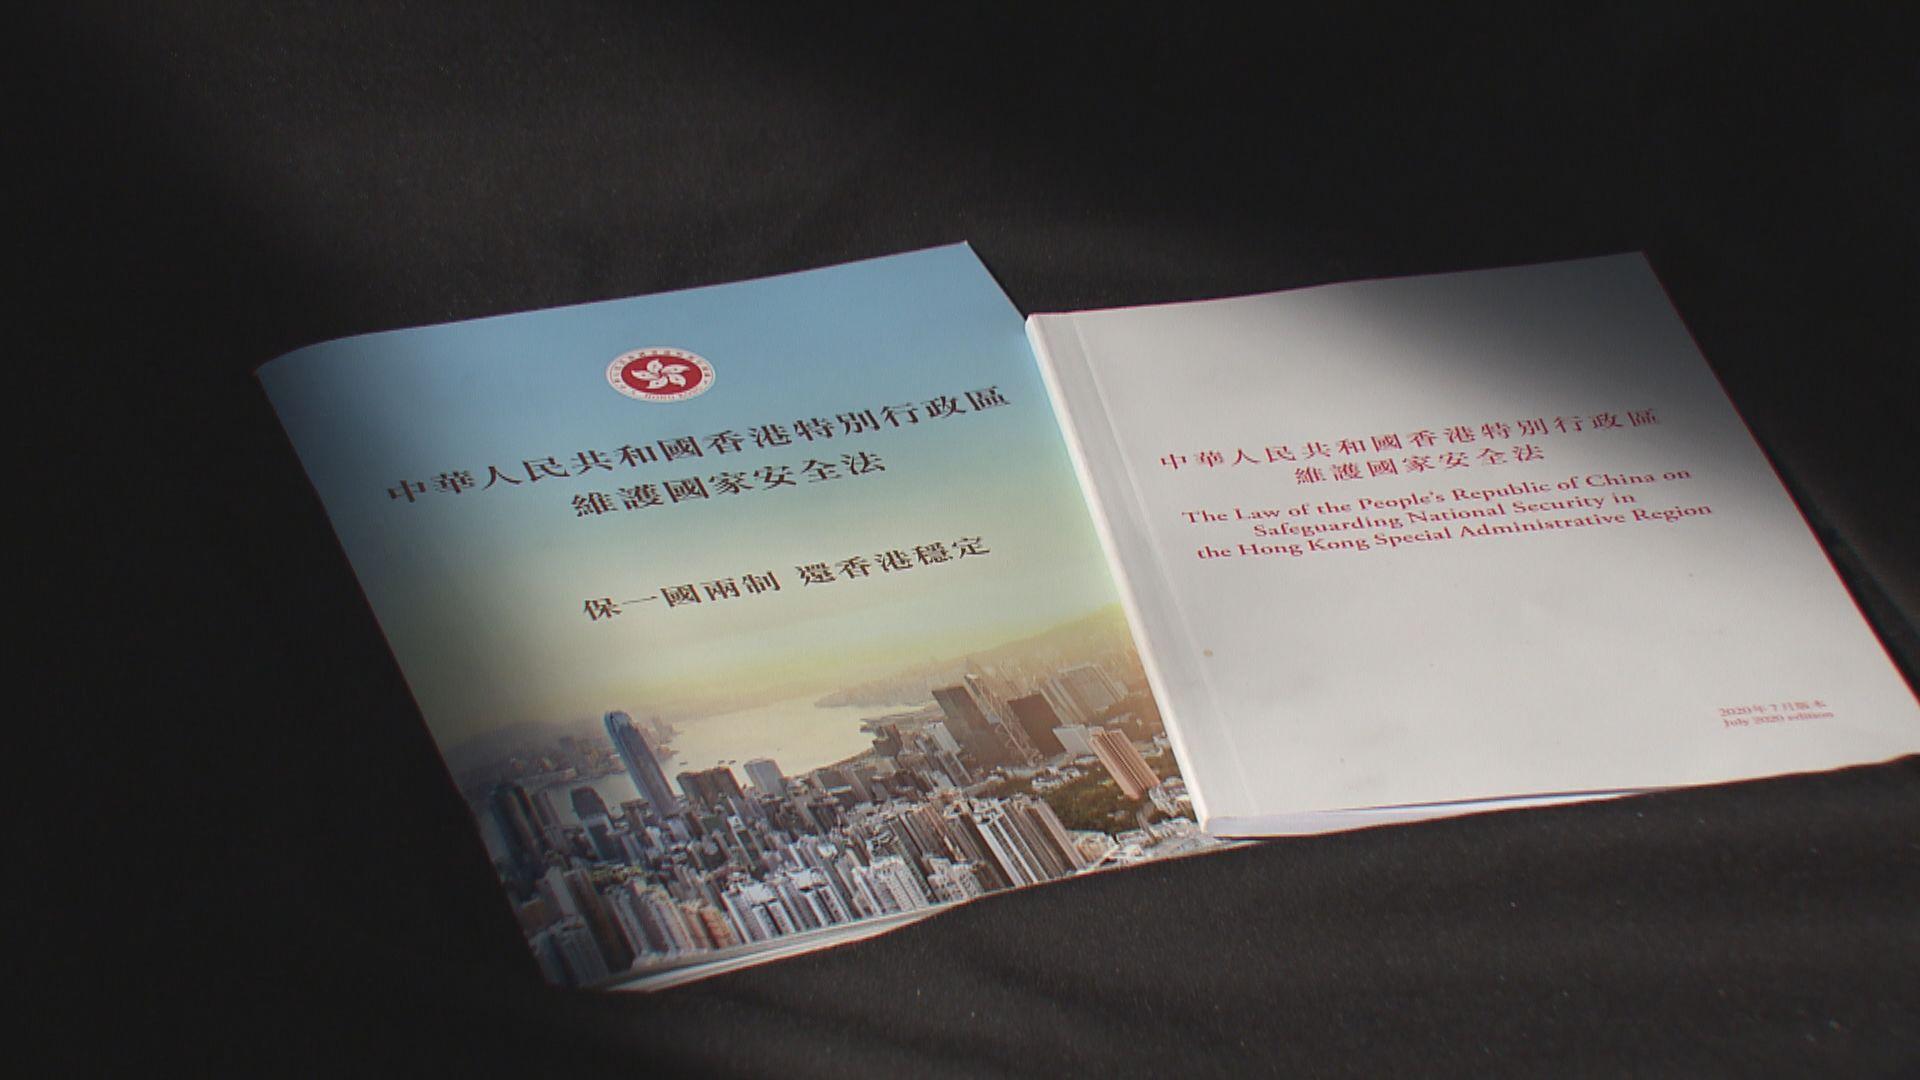 【回應支聯會綱領】林鄭:國安法列明推翻破壞中國憲法確立的制度都屬違法